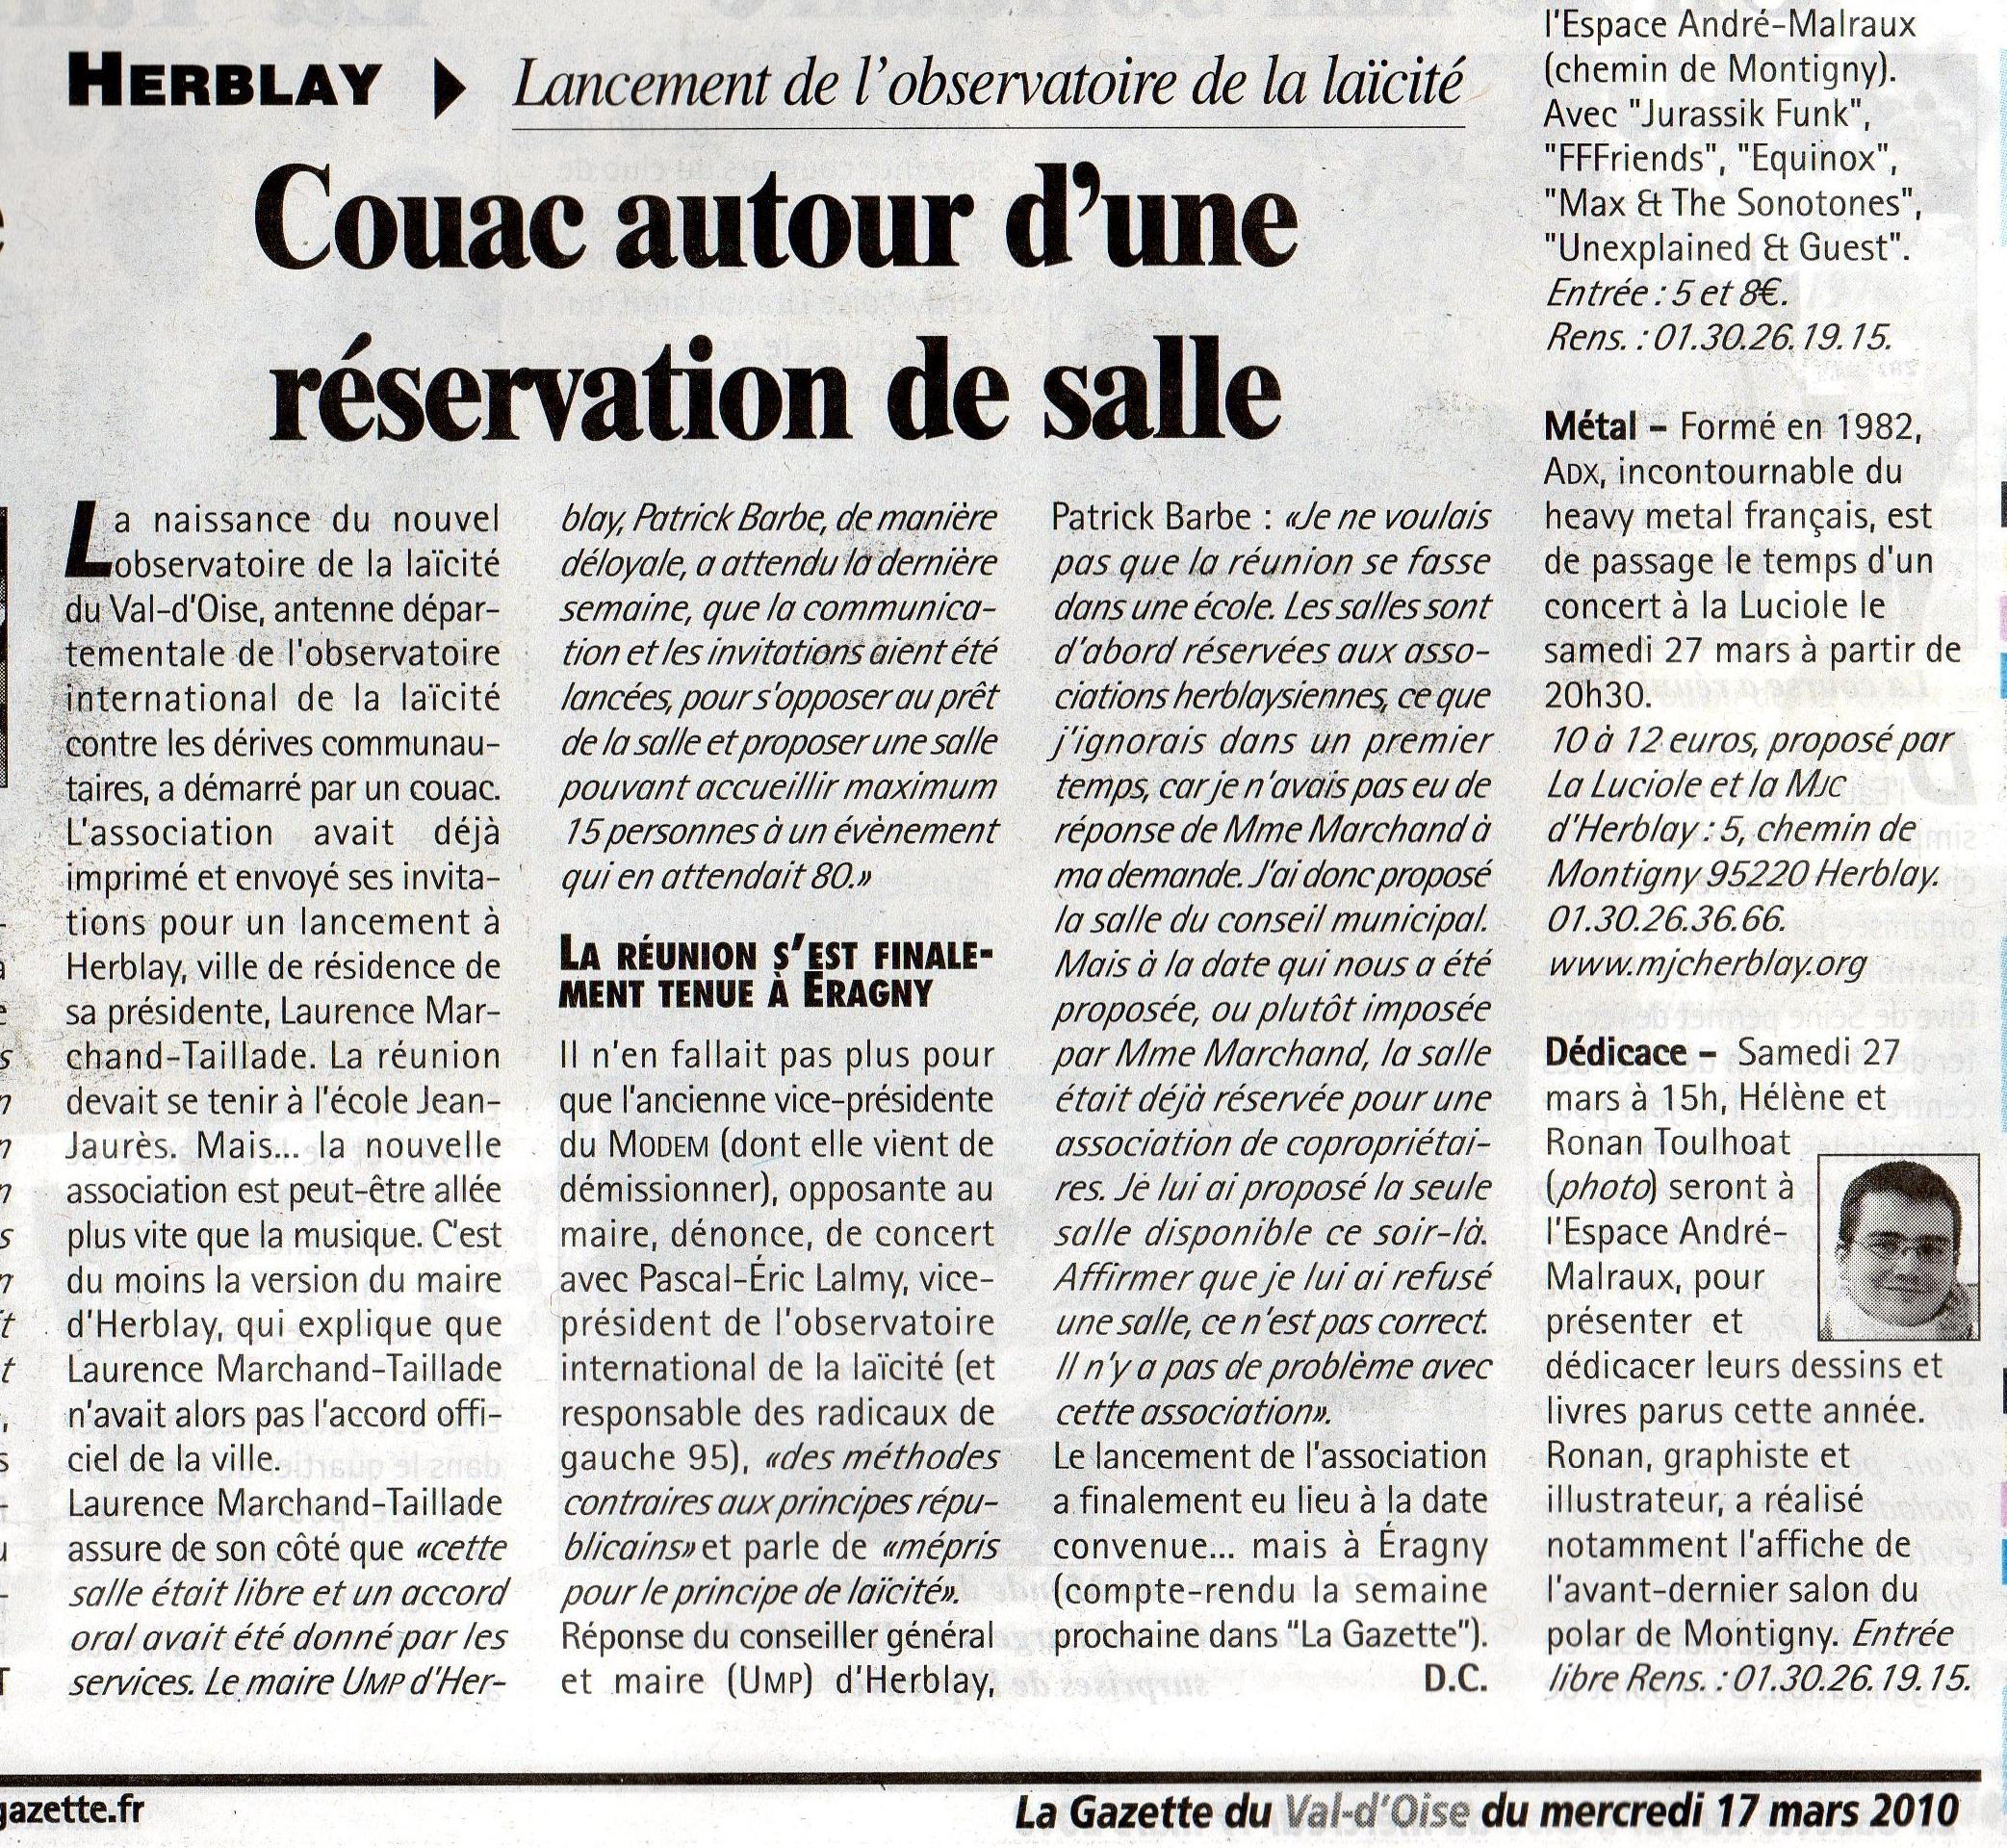 La Gazette 17/03